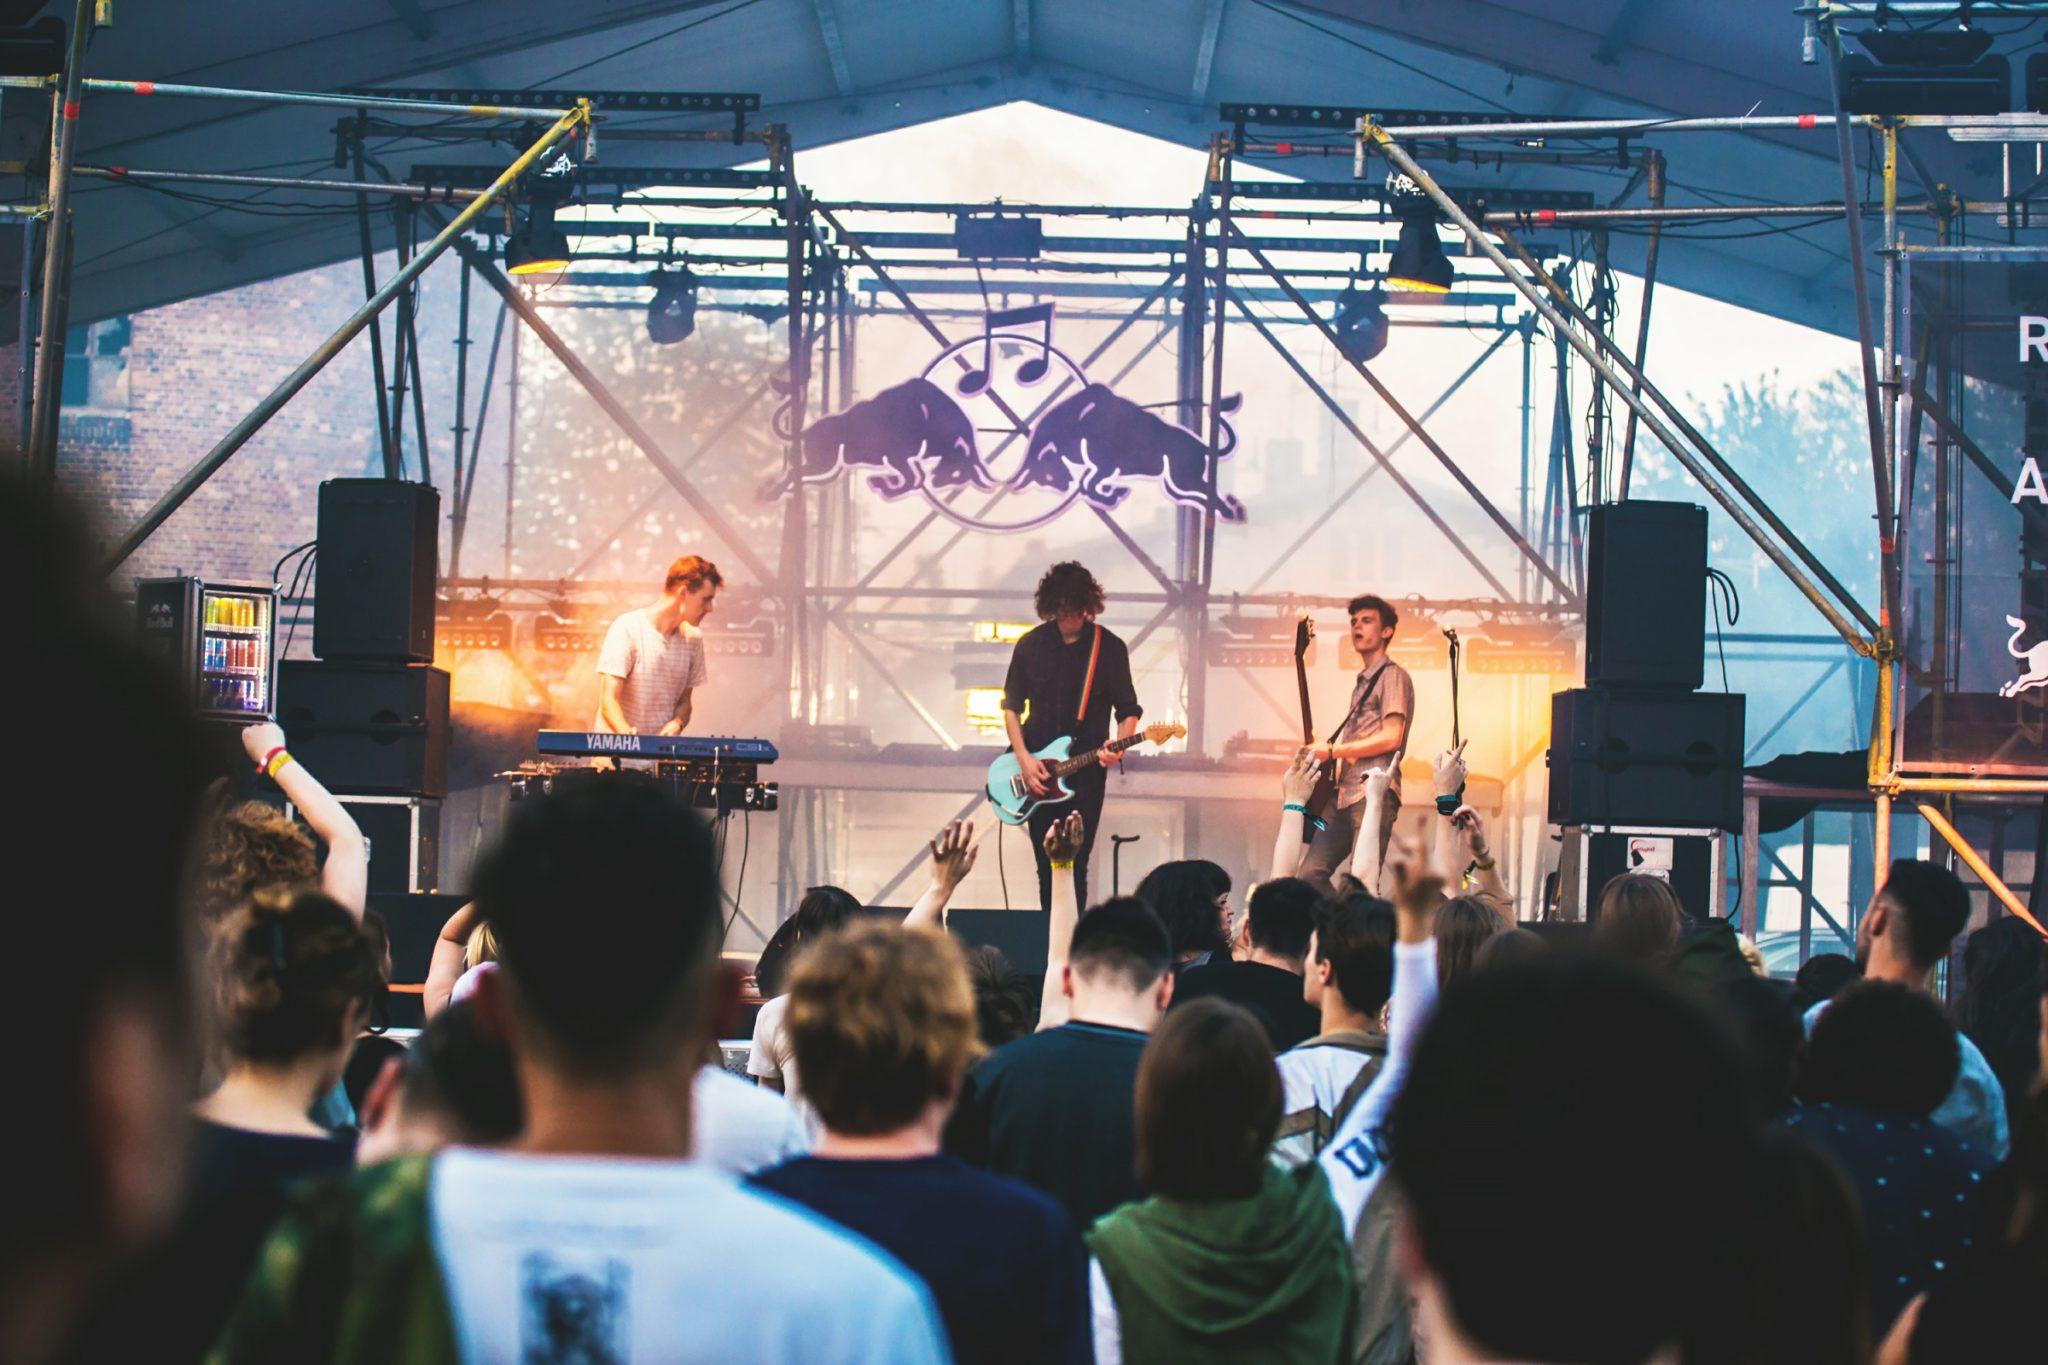 Koncert w plenerze na scenie trzech mlodych cchlopcow oraz publika tylem